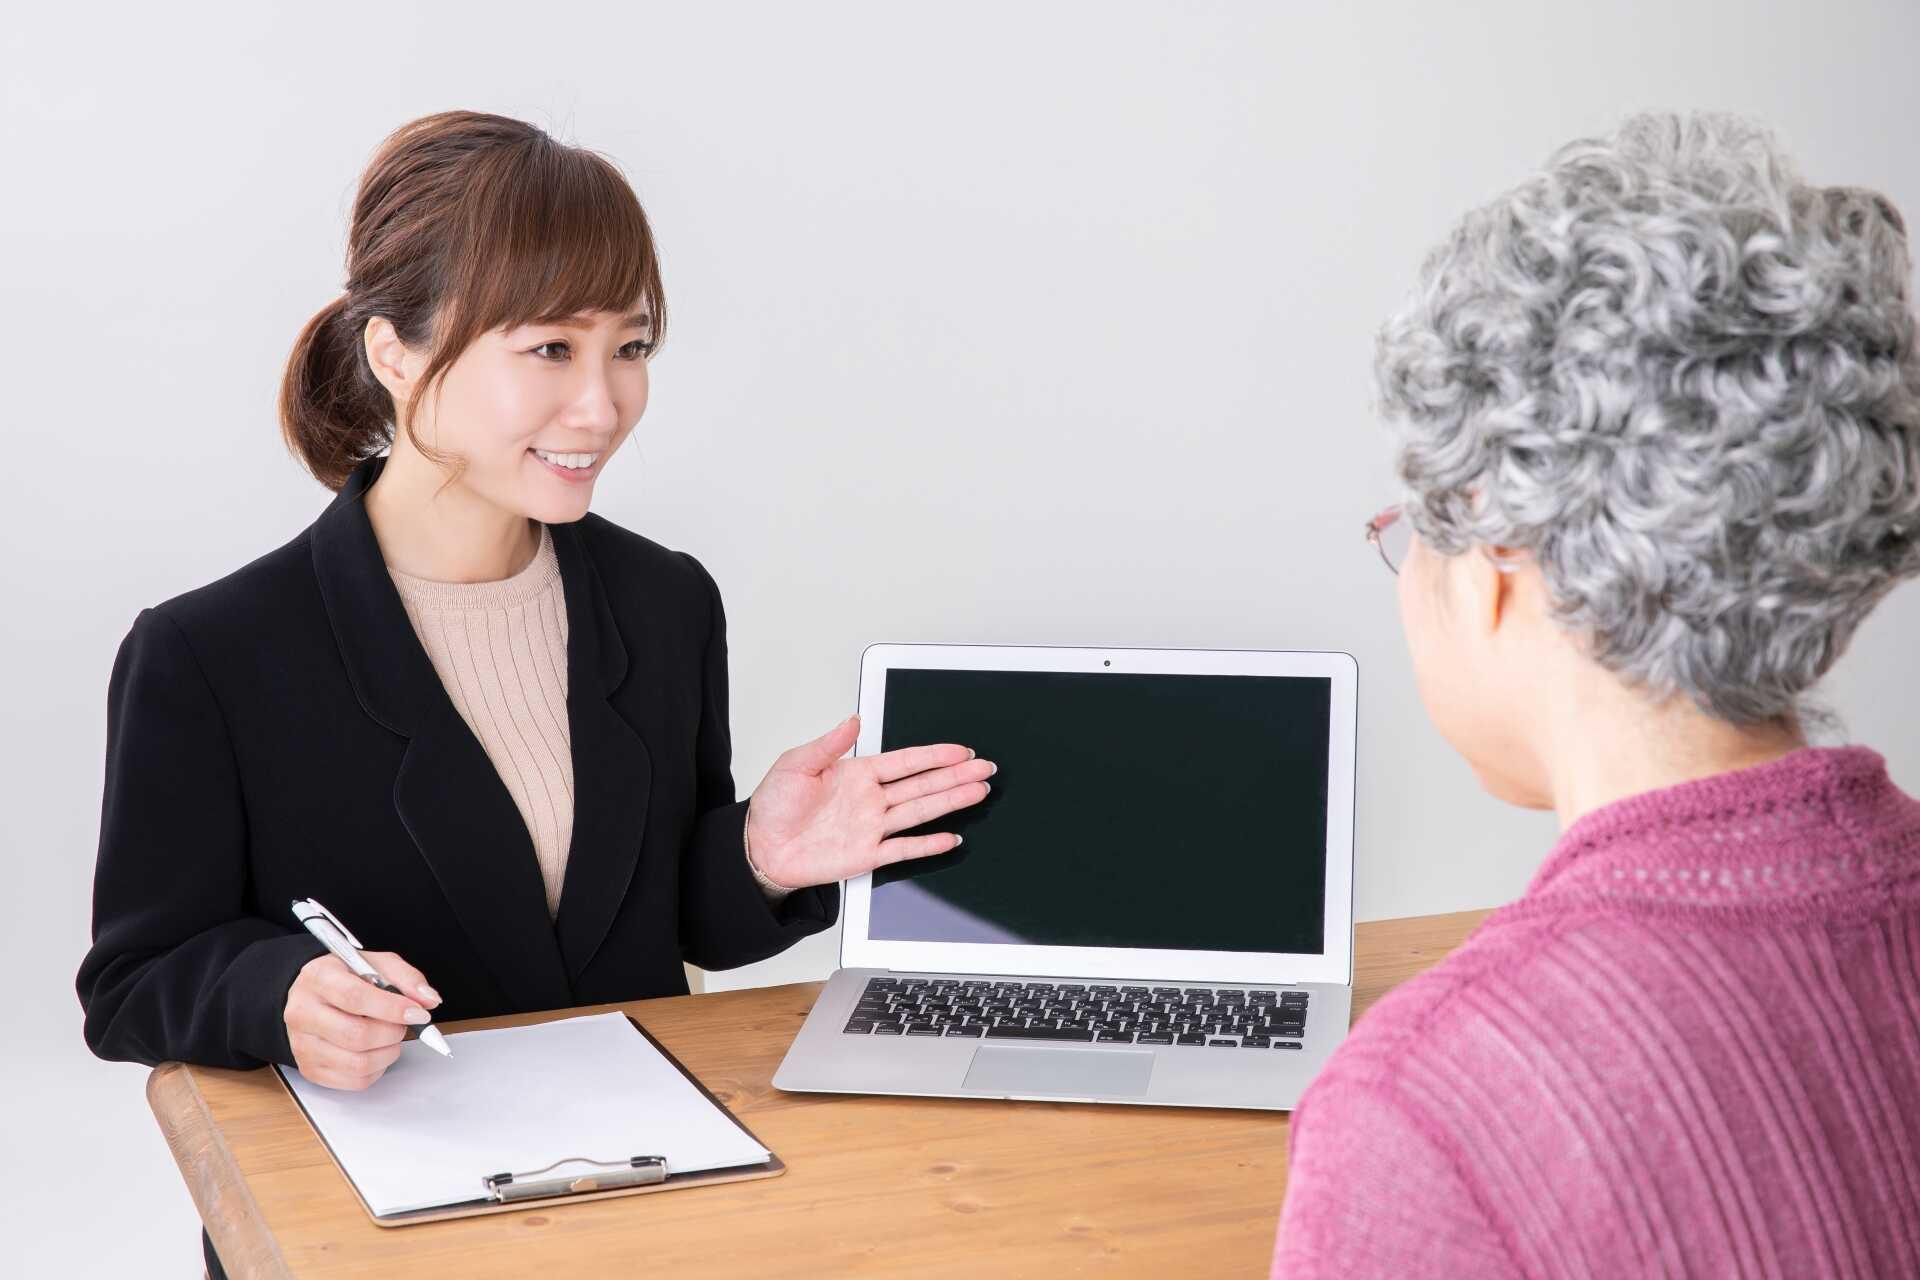 聞き上手な人に向いてる仕事を紹介!-自分の特徴を活かした職業を見つける方法とコツ-